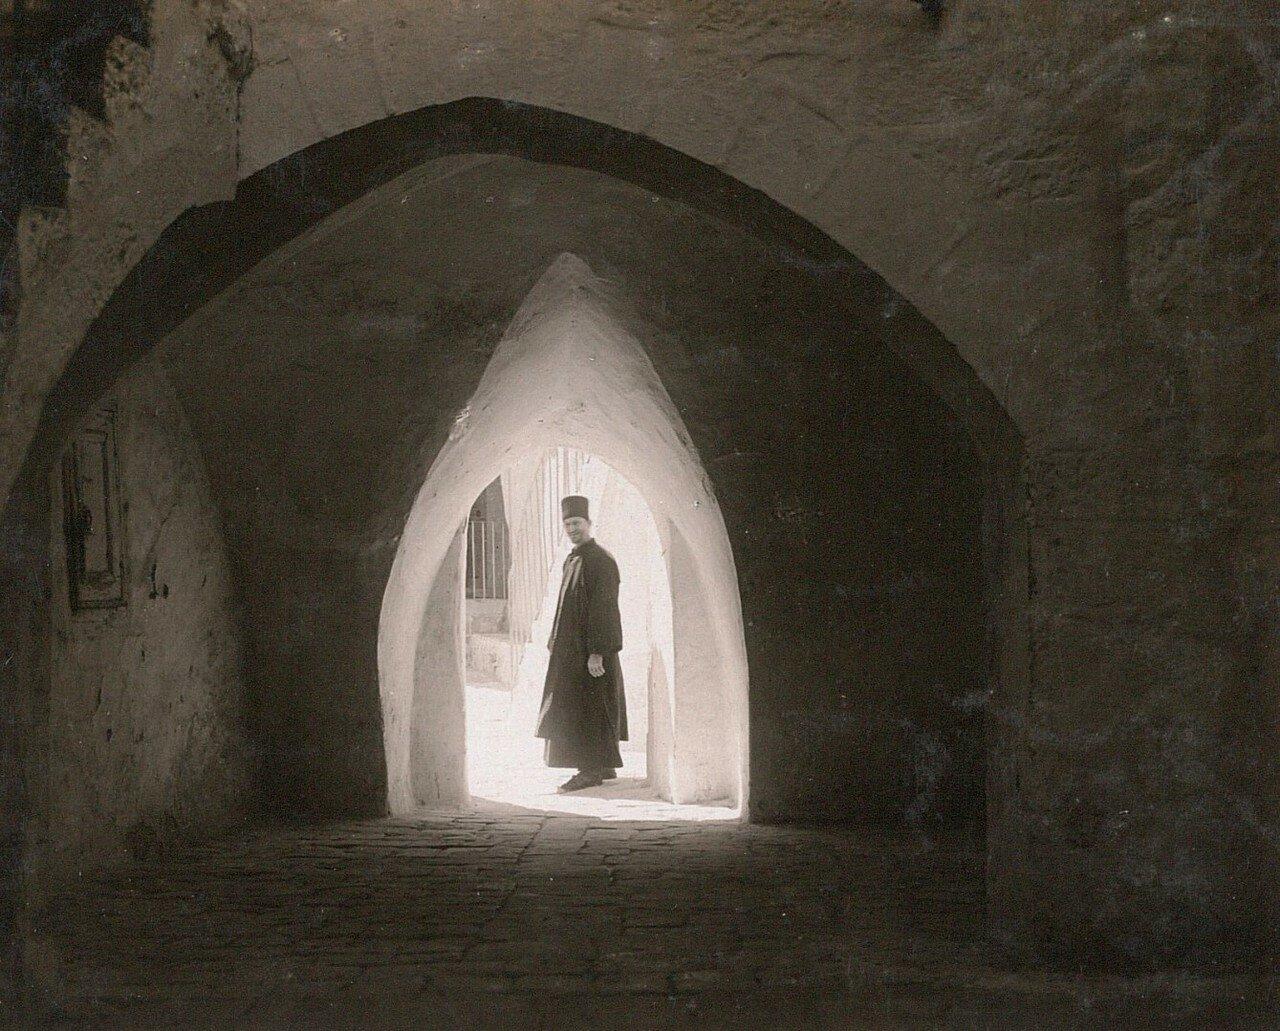 Кедронская долина. Монастырь Саввы Освященного.  Монах